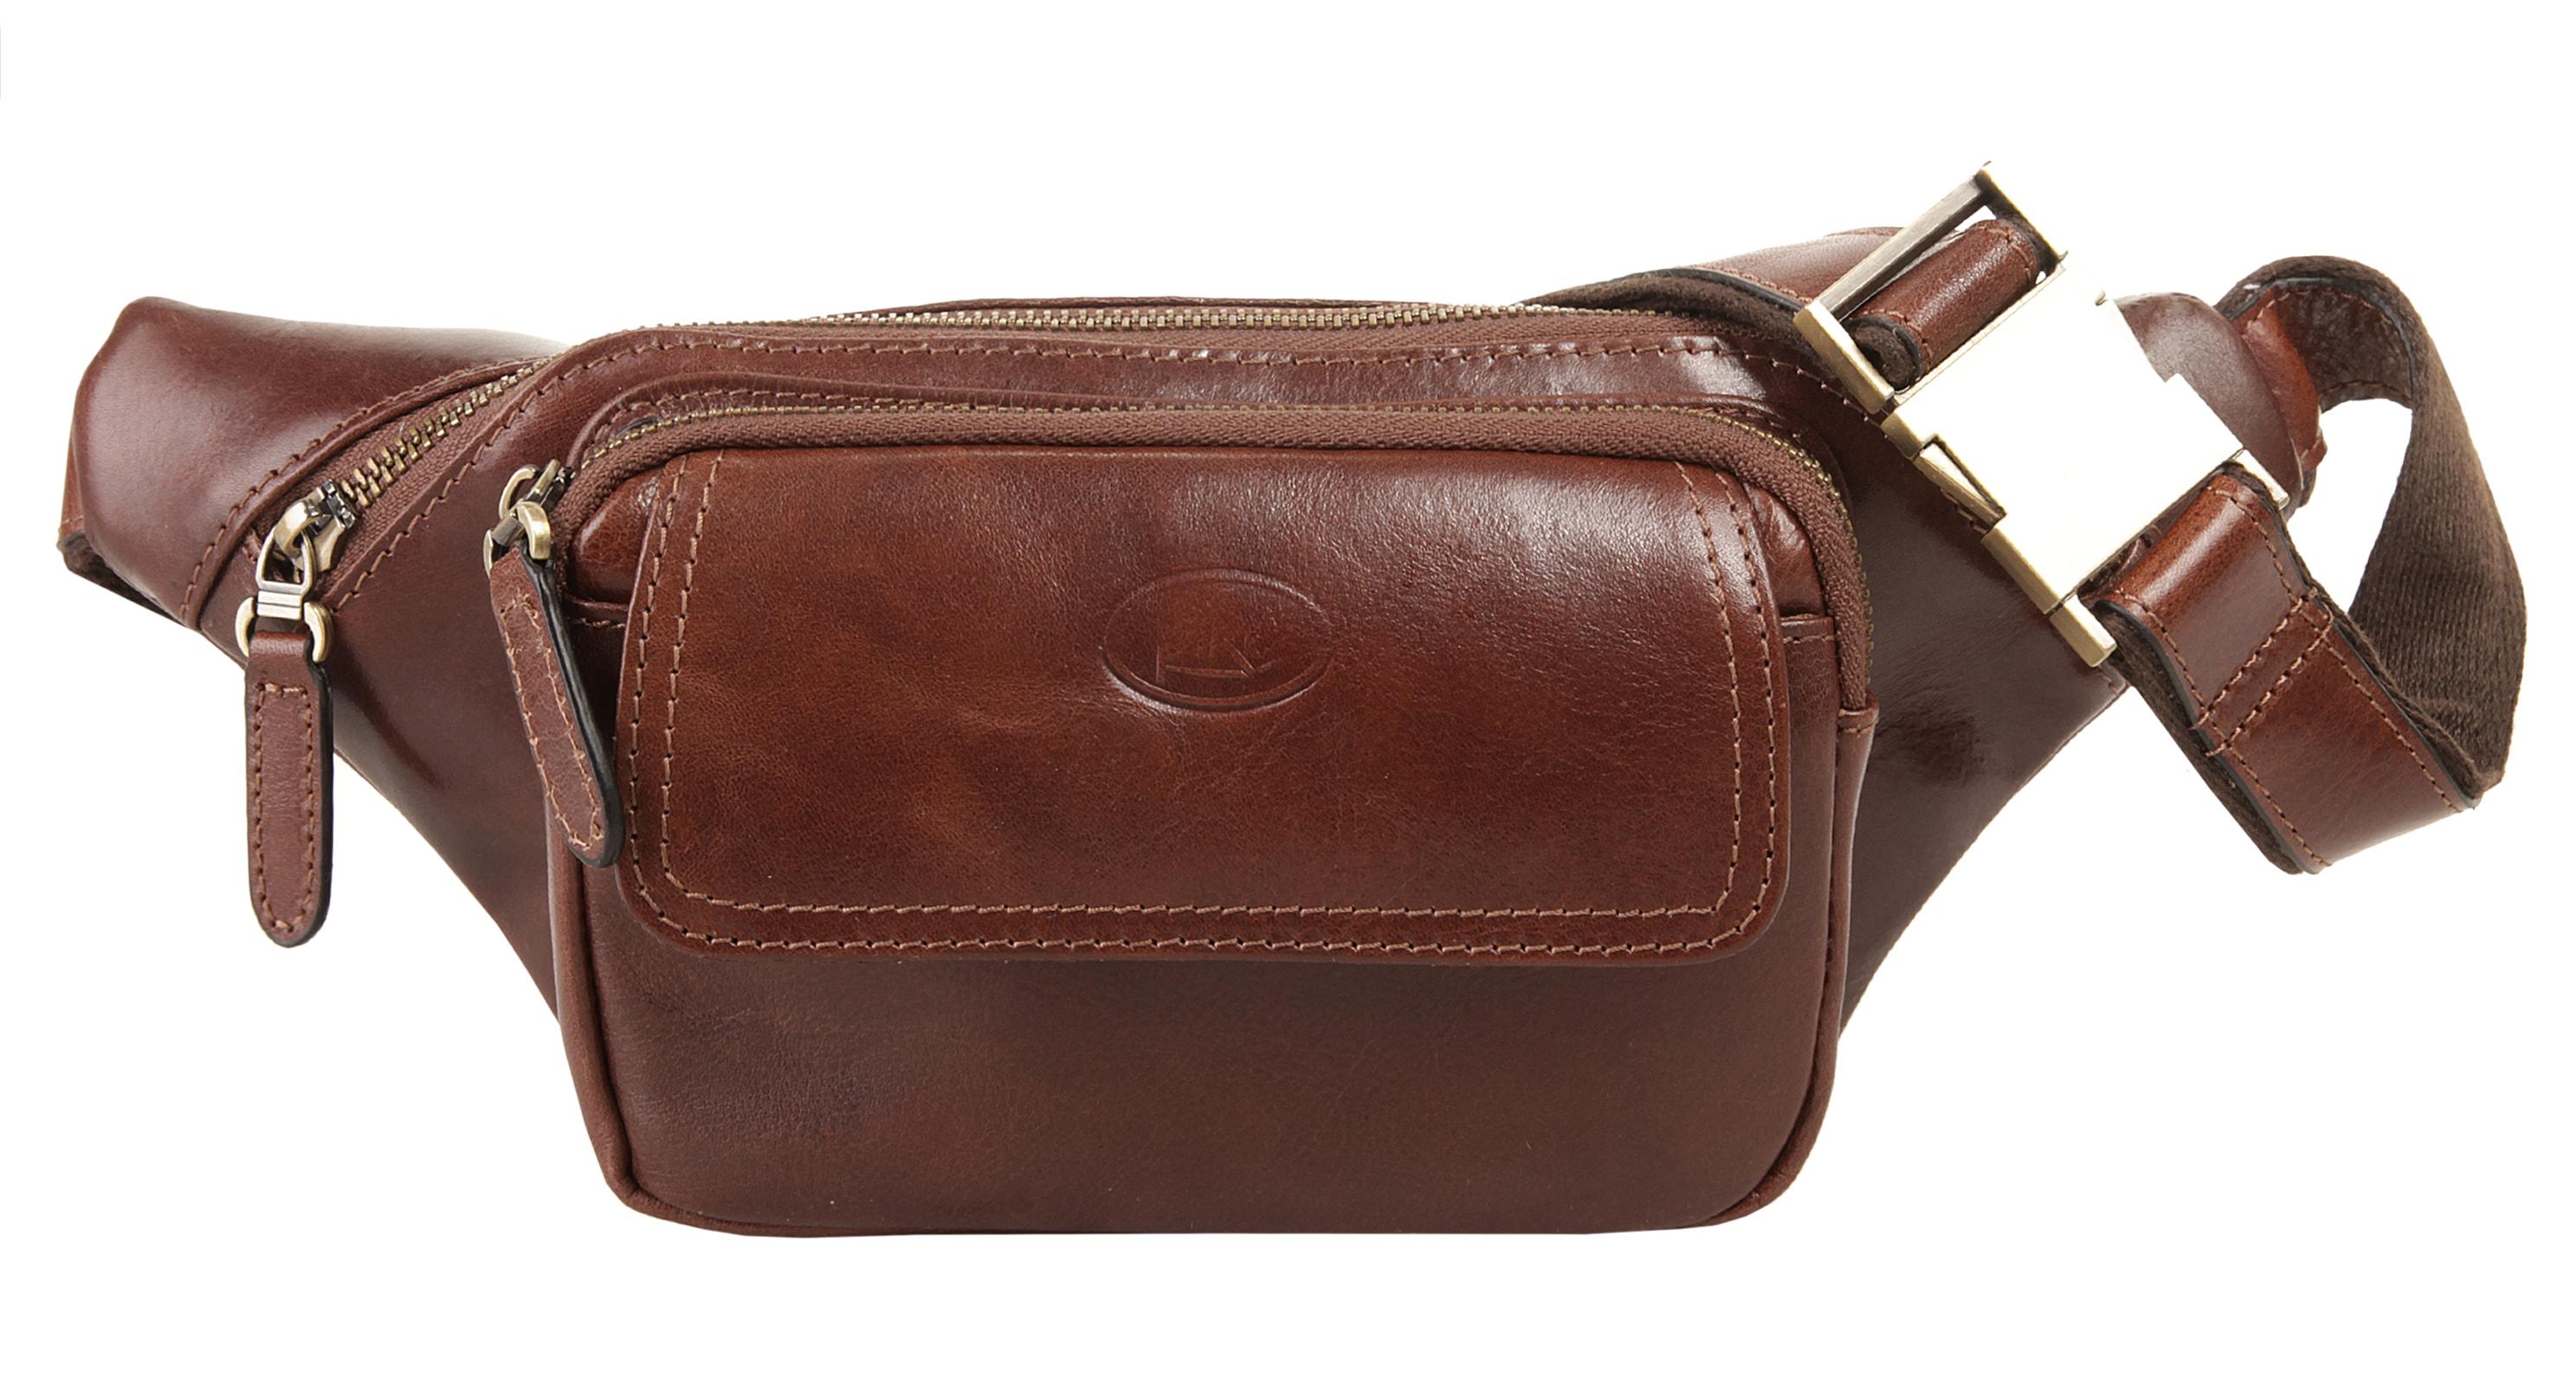 Piké Gürteltasche braun Damen Handtaschen Taschen